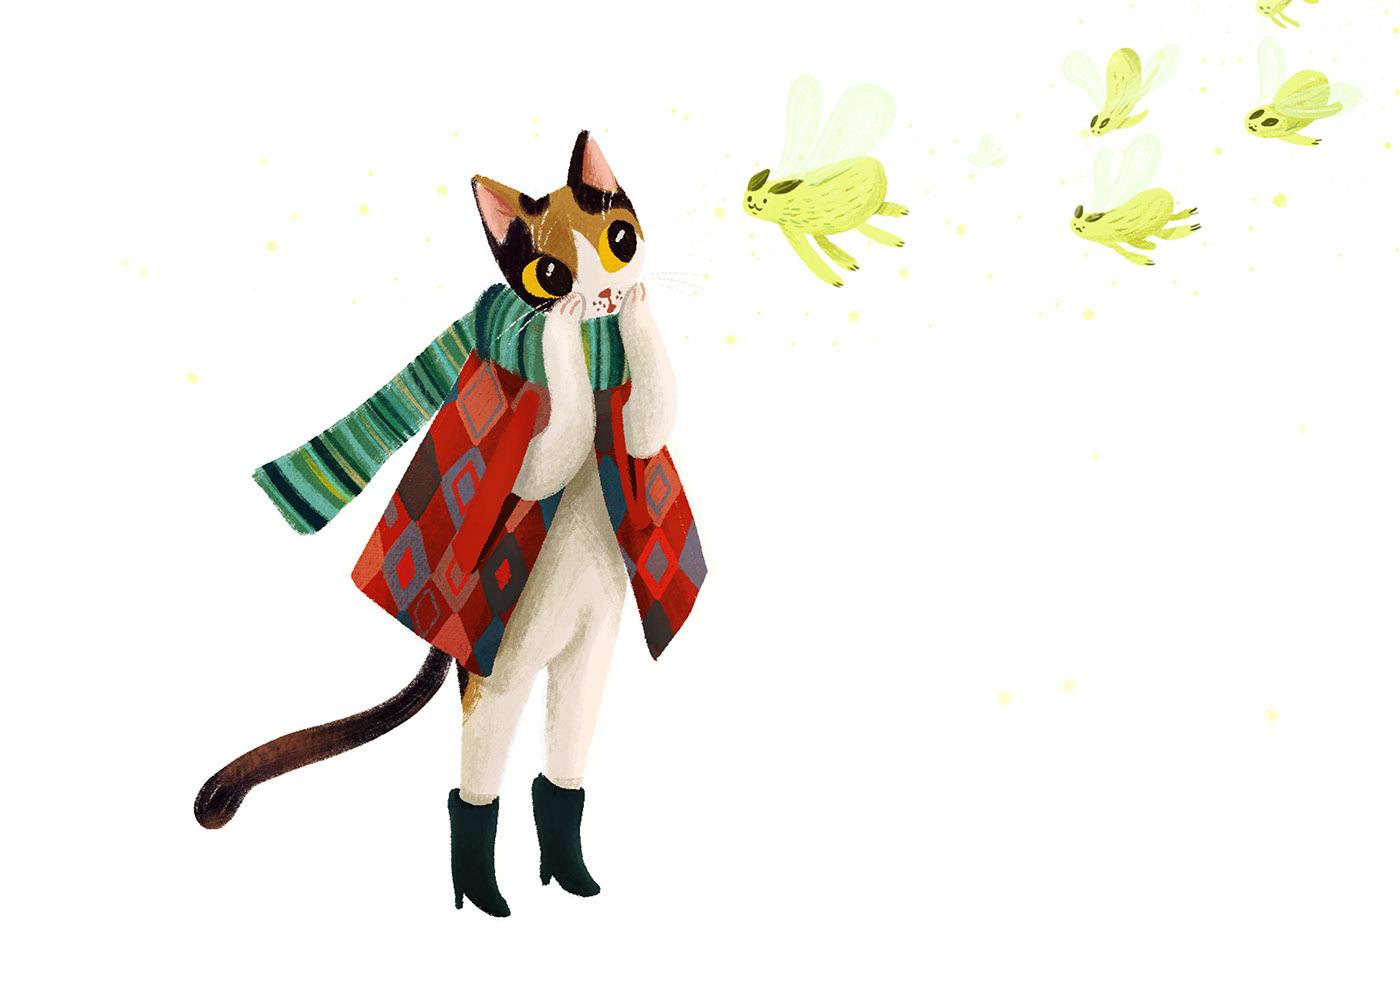 波兰<a href=http://www.ccdol.com/sheji/chahua/ target=_blank class=infotextkey>插画</a>师的绿植和可爱动物<a href=http://www.ccdol.com/sheji/chahua/ target=_blank class=infotextkey>插画</a>作品